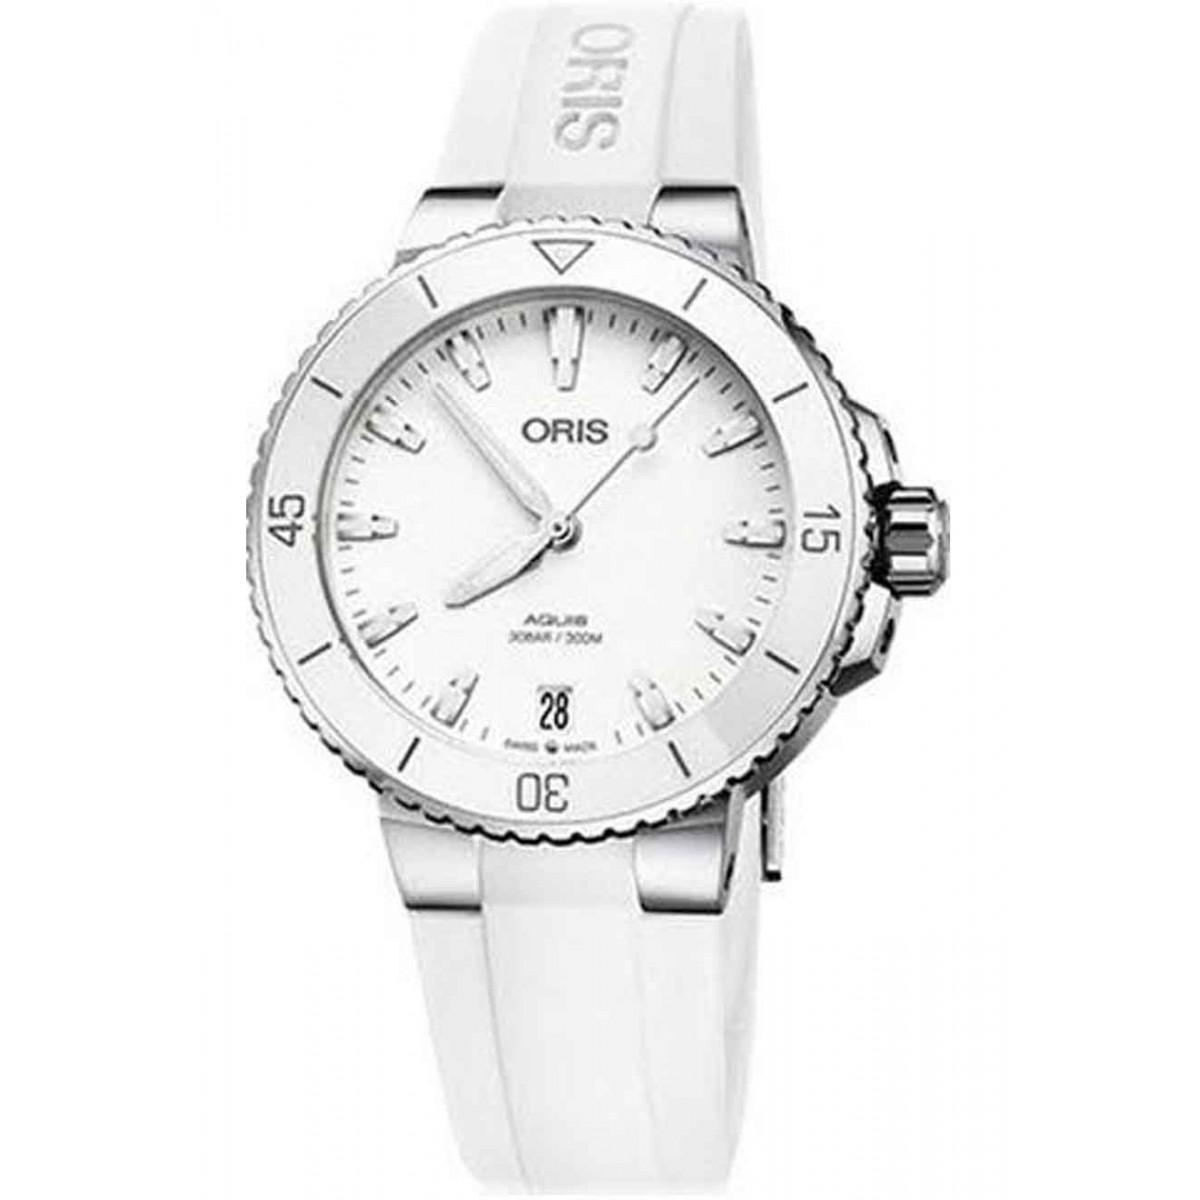 ORIS AQUIS DATE Lady -300 M ∅36,5 mm, Esfera blanca, Caucho